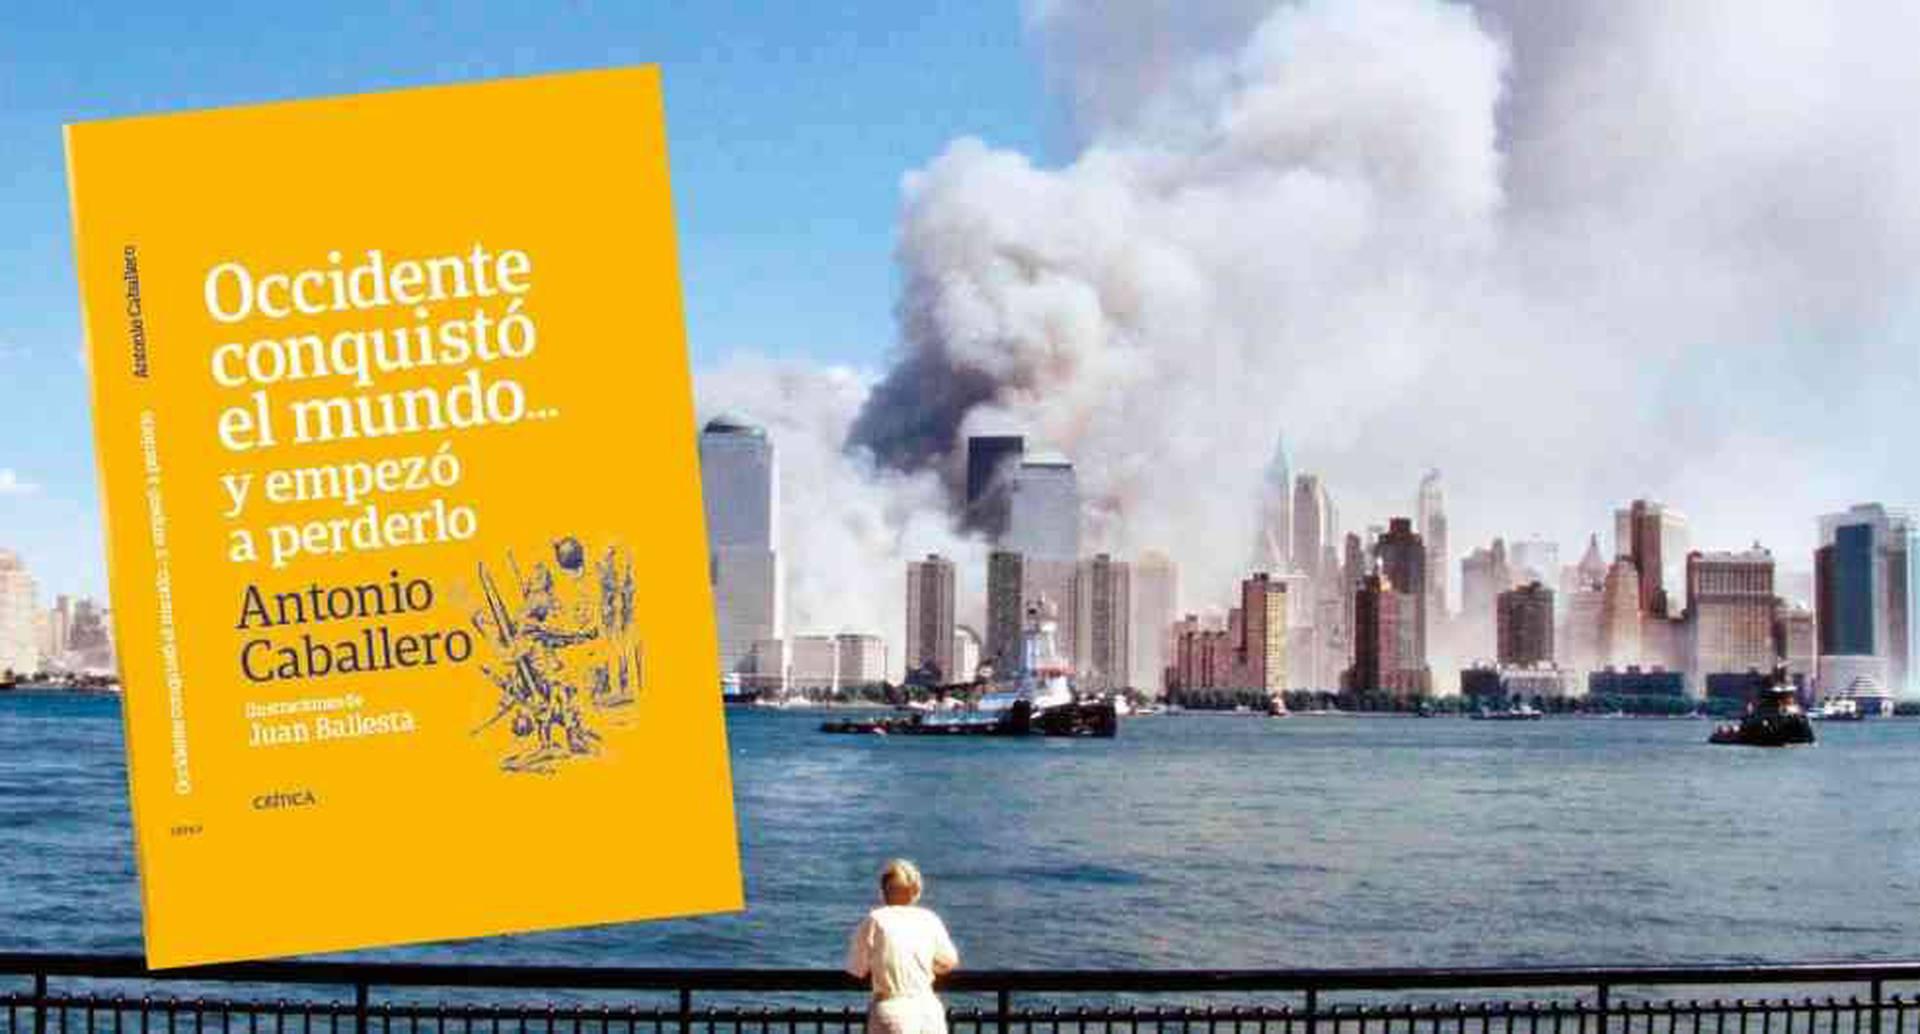 La fecha que simbólicamente marcó ese cambio extraordinario fue el 11 de septiembre del año 2001.